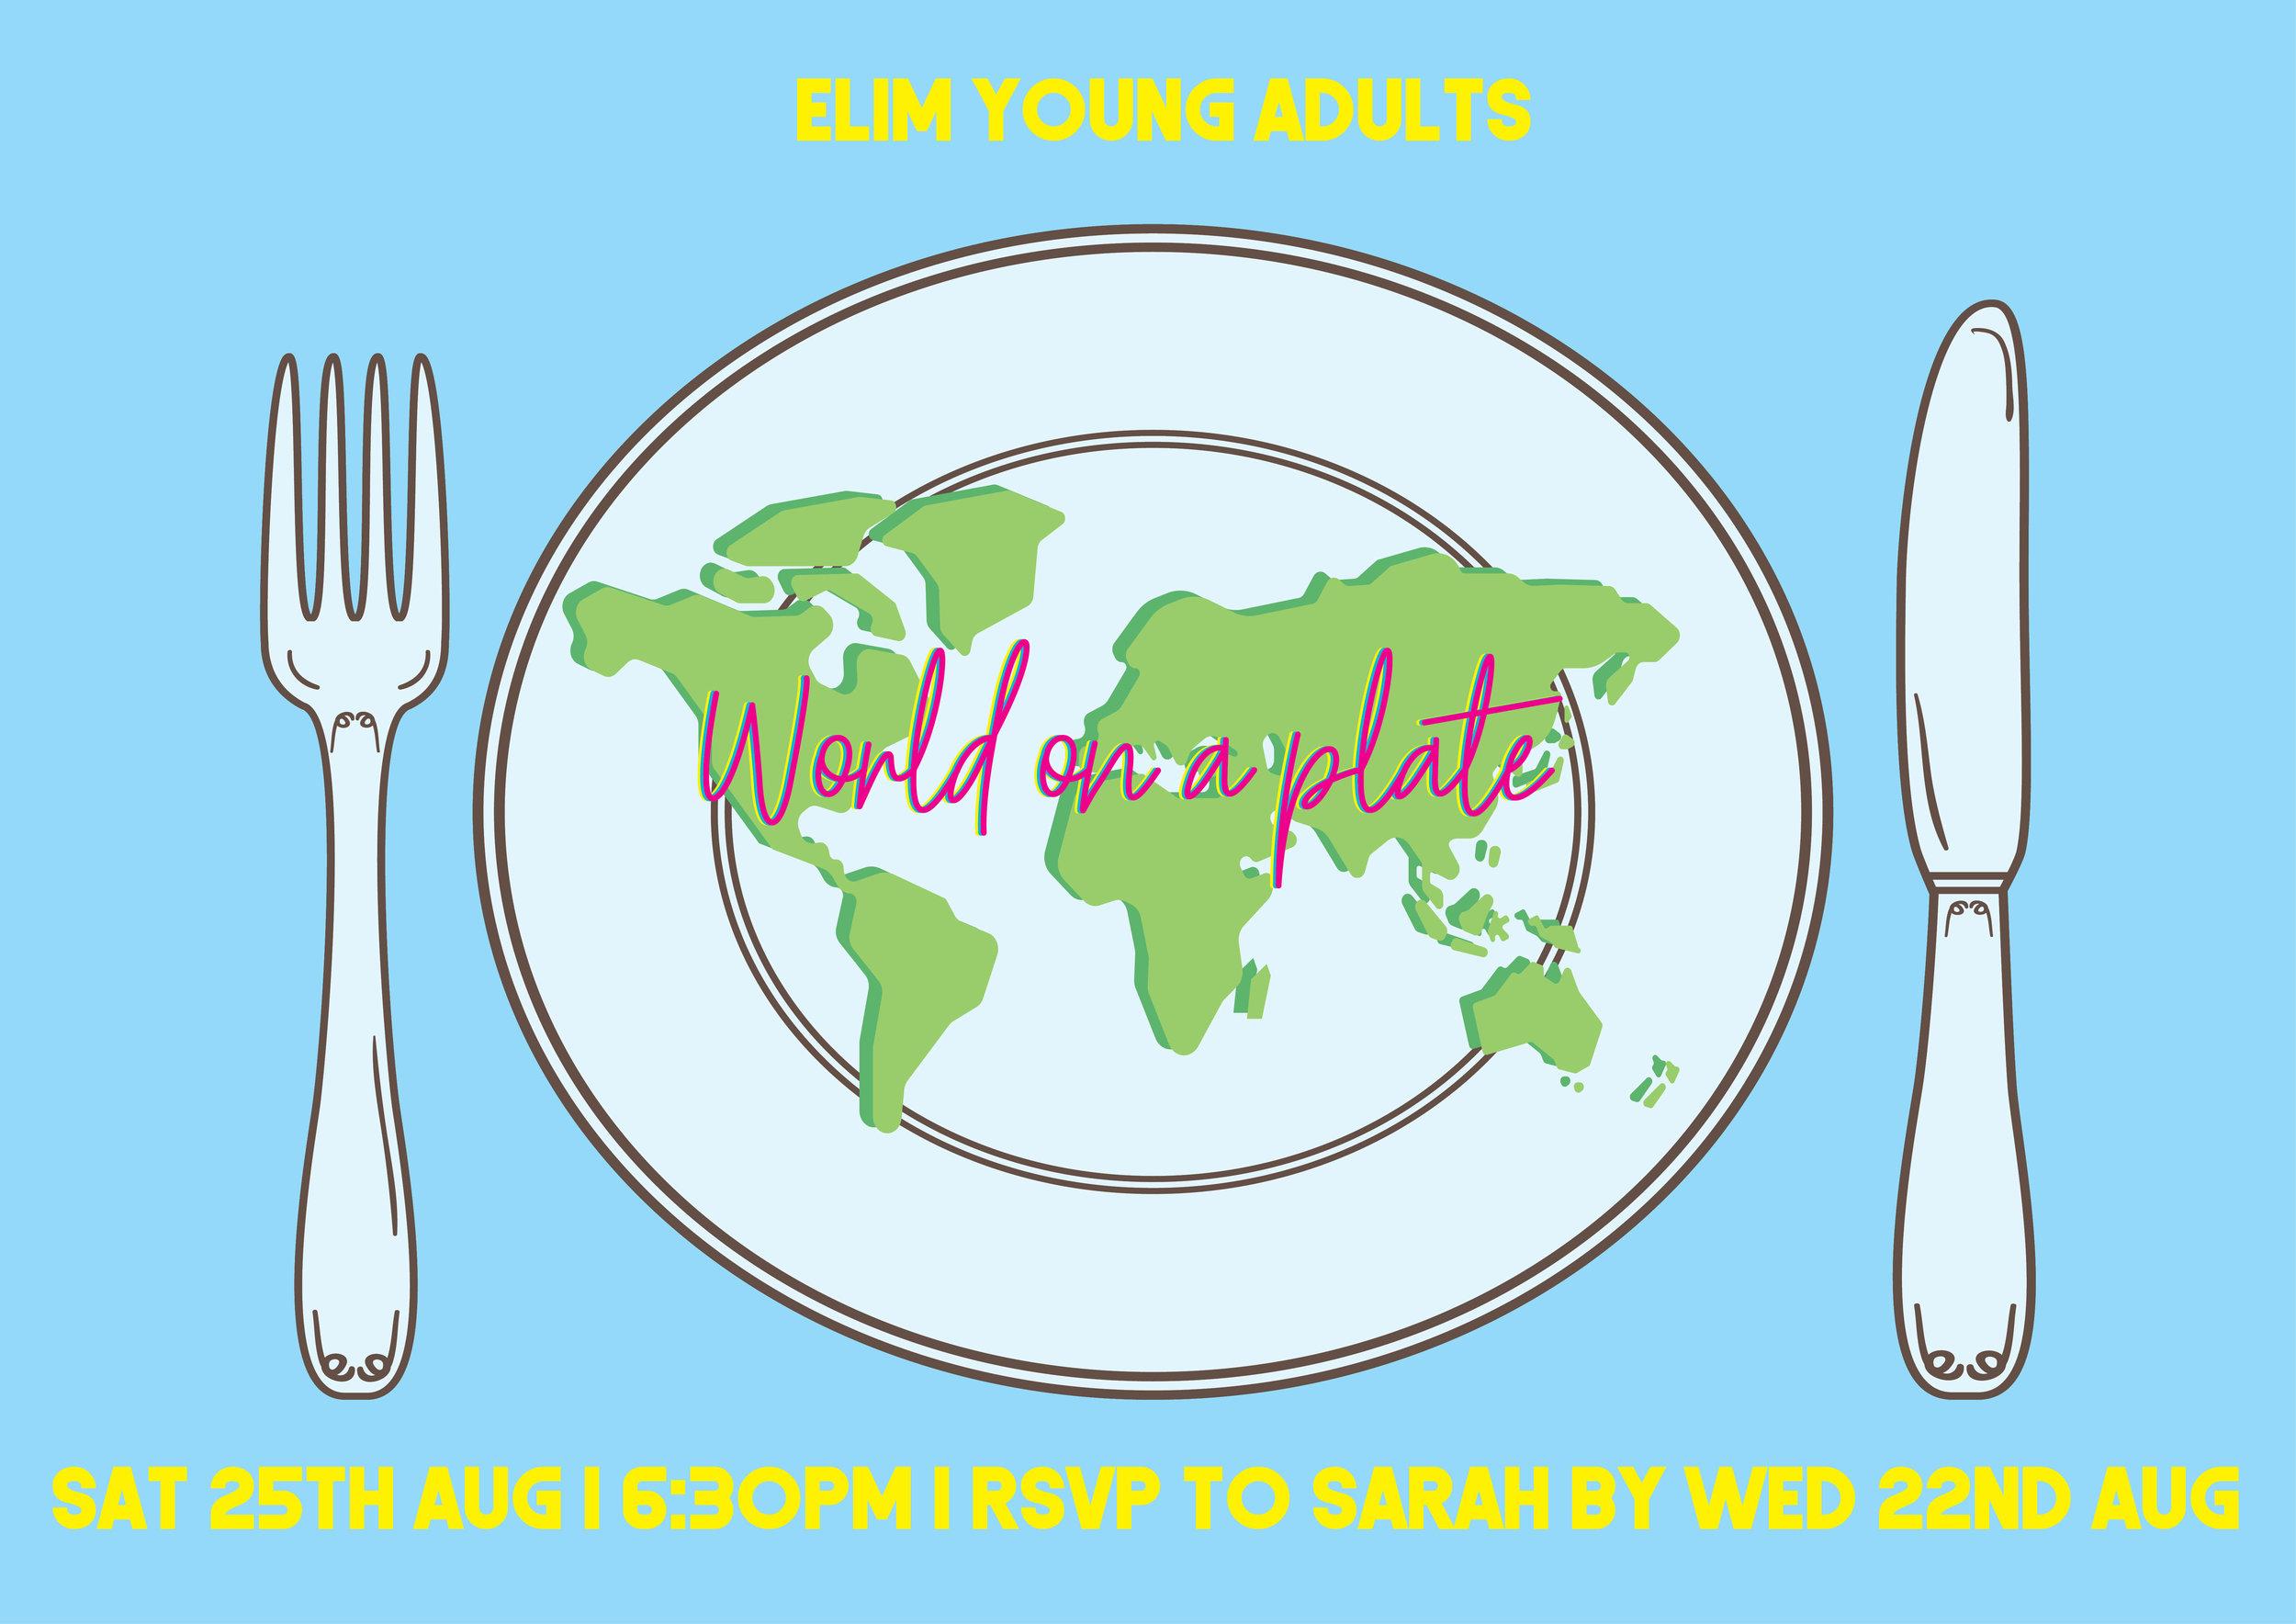 World on a plate.jpg